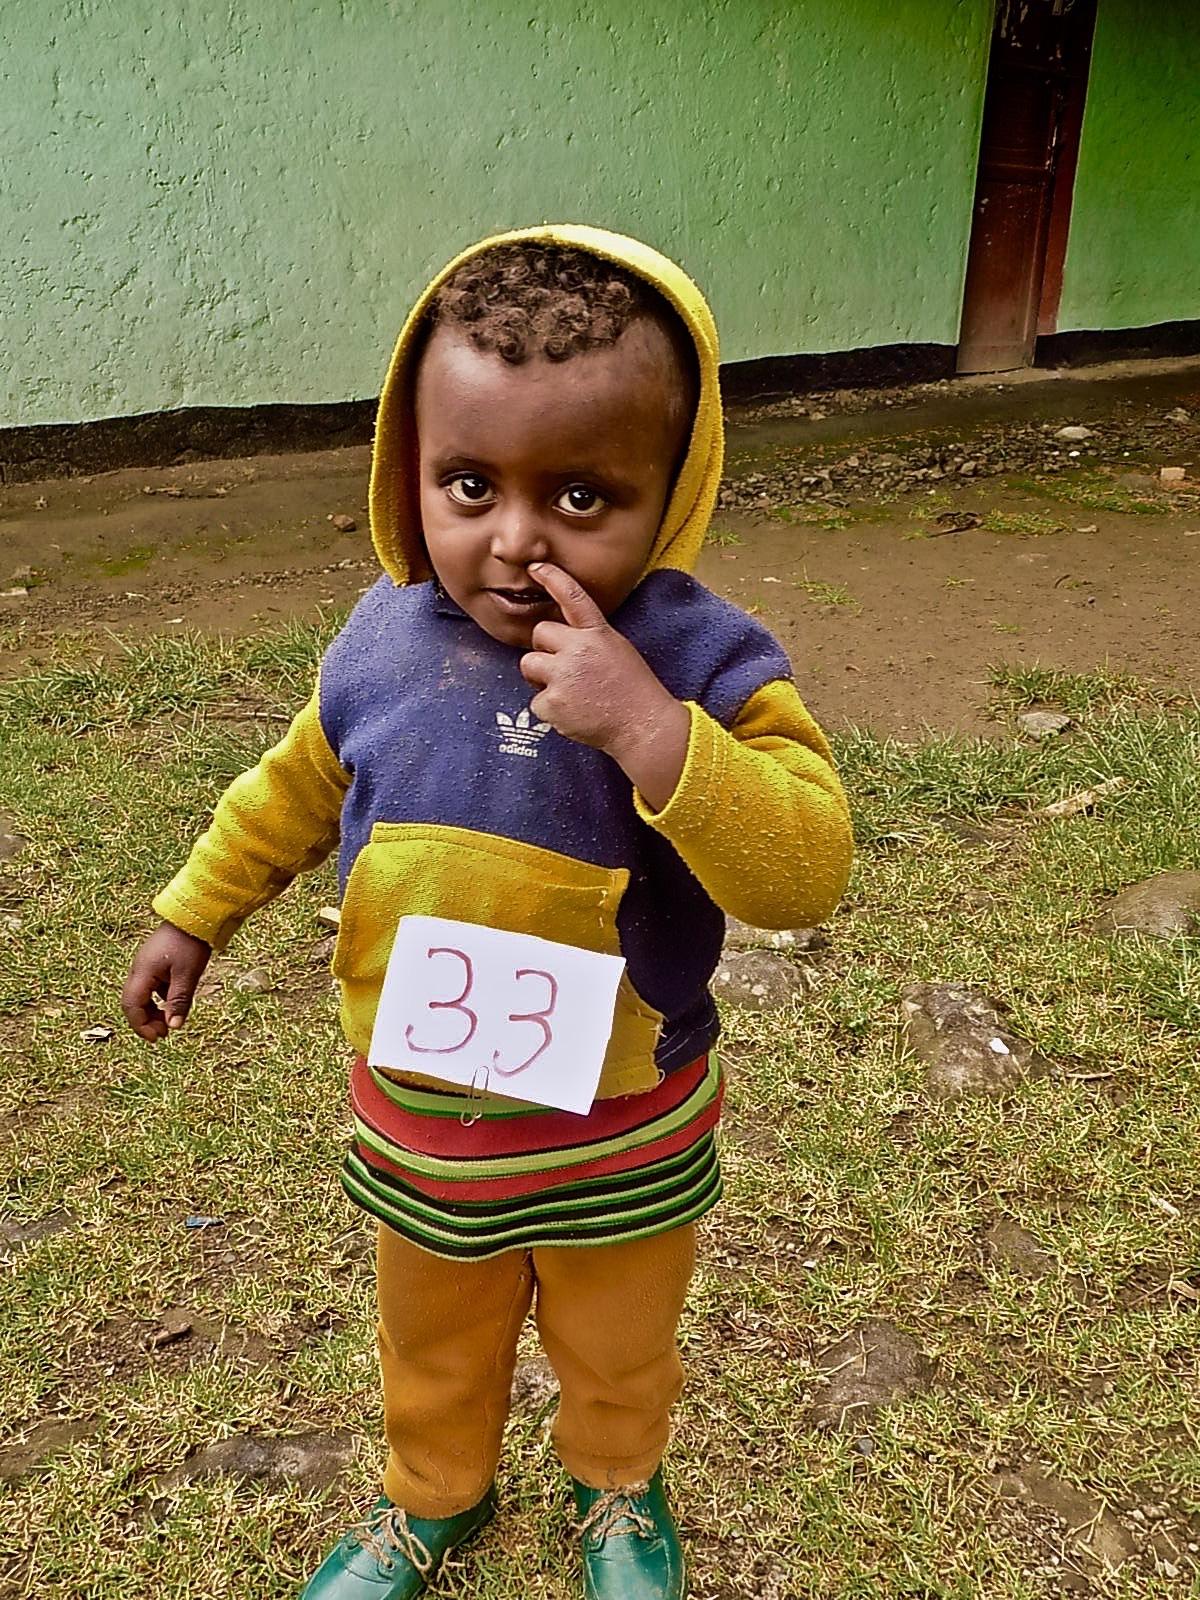 Maseresha Mekonene Weledehana